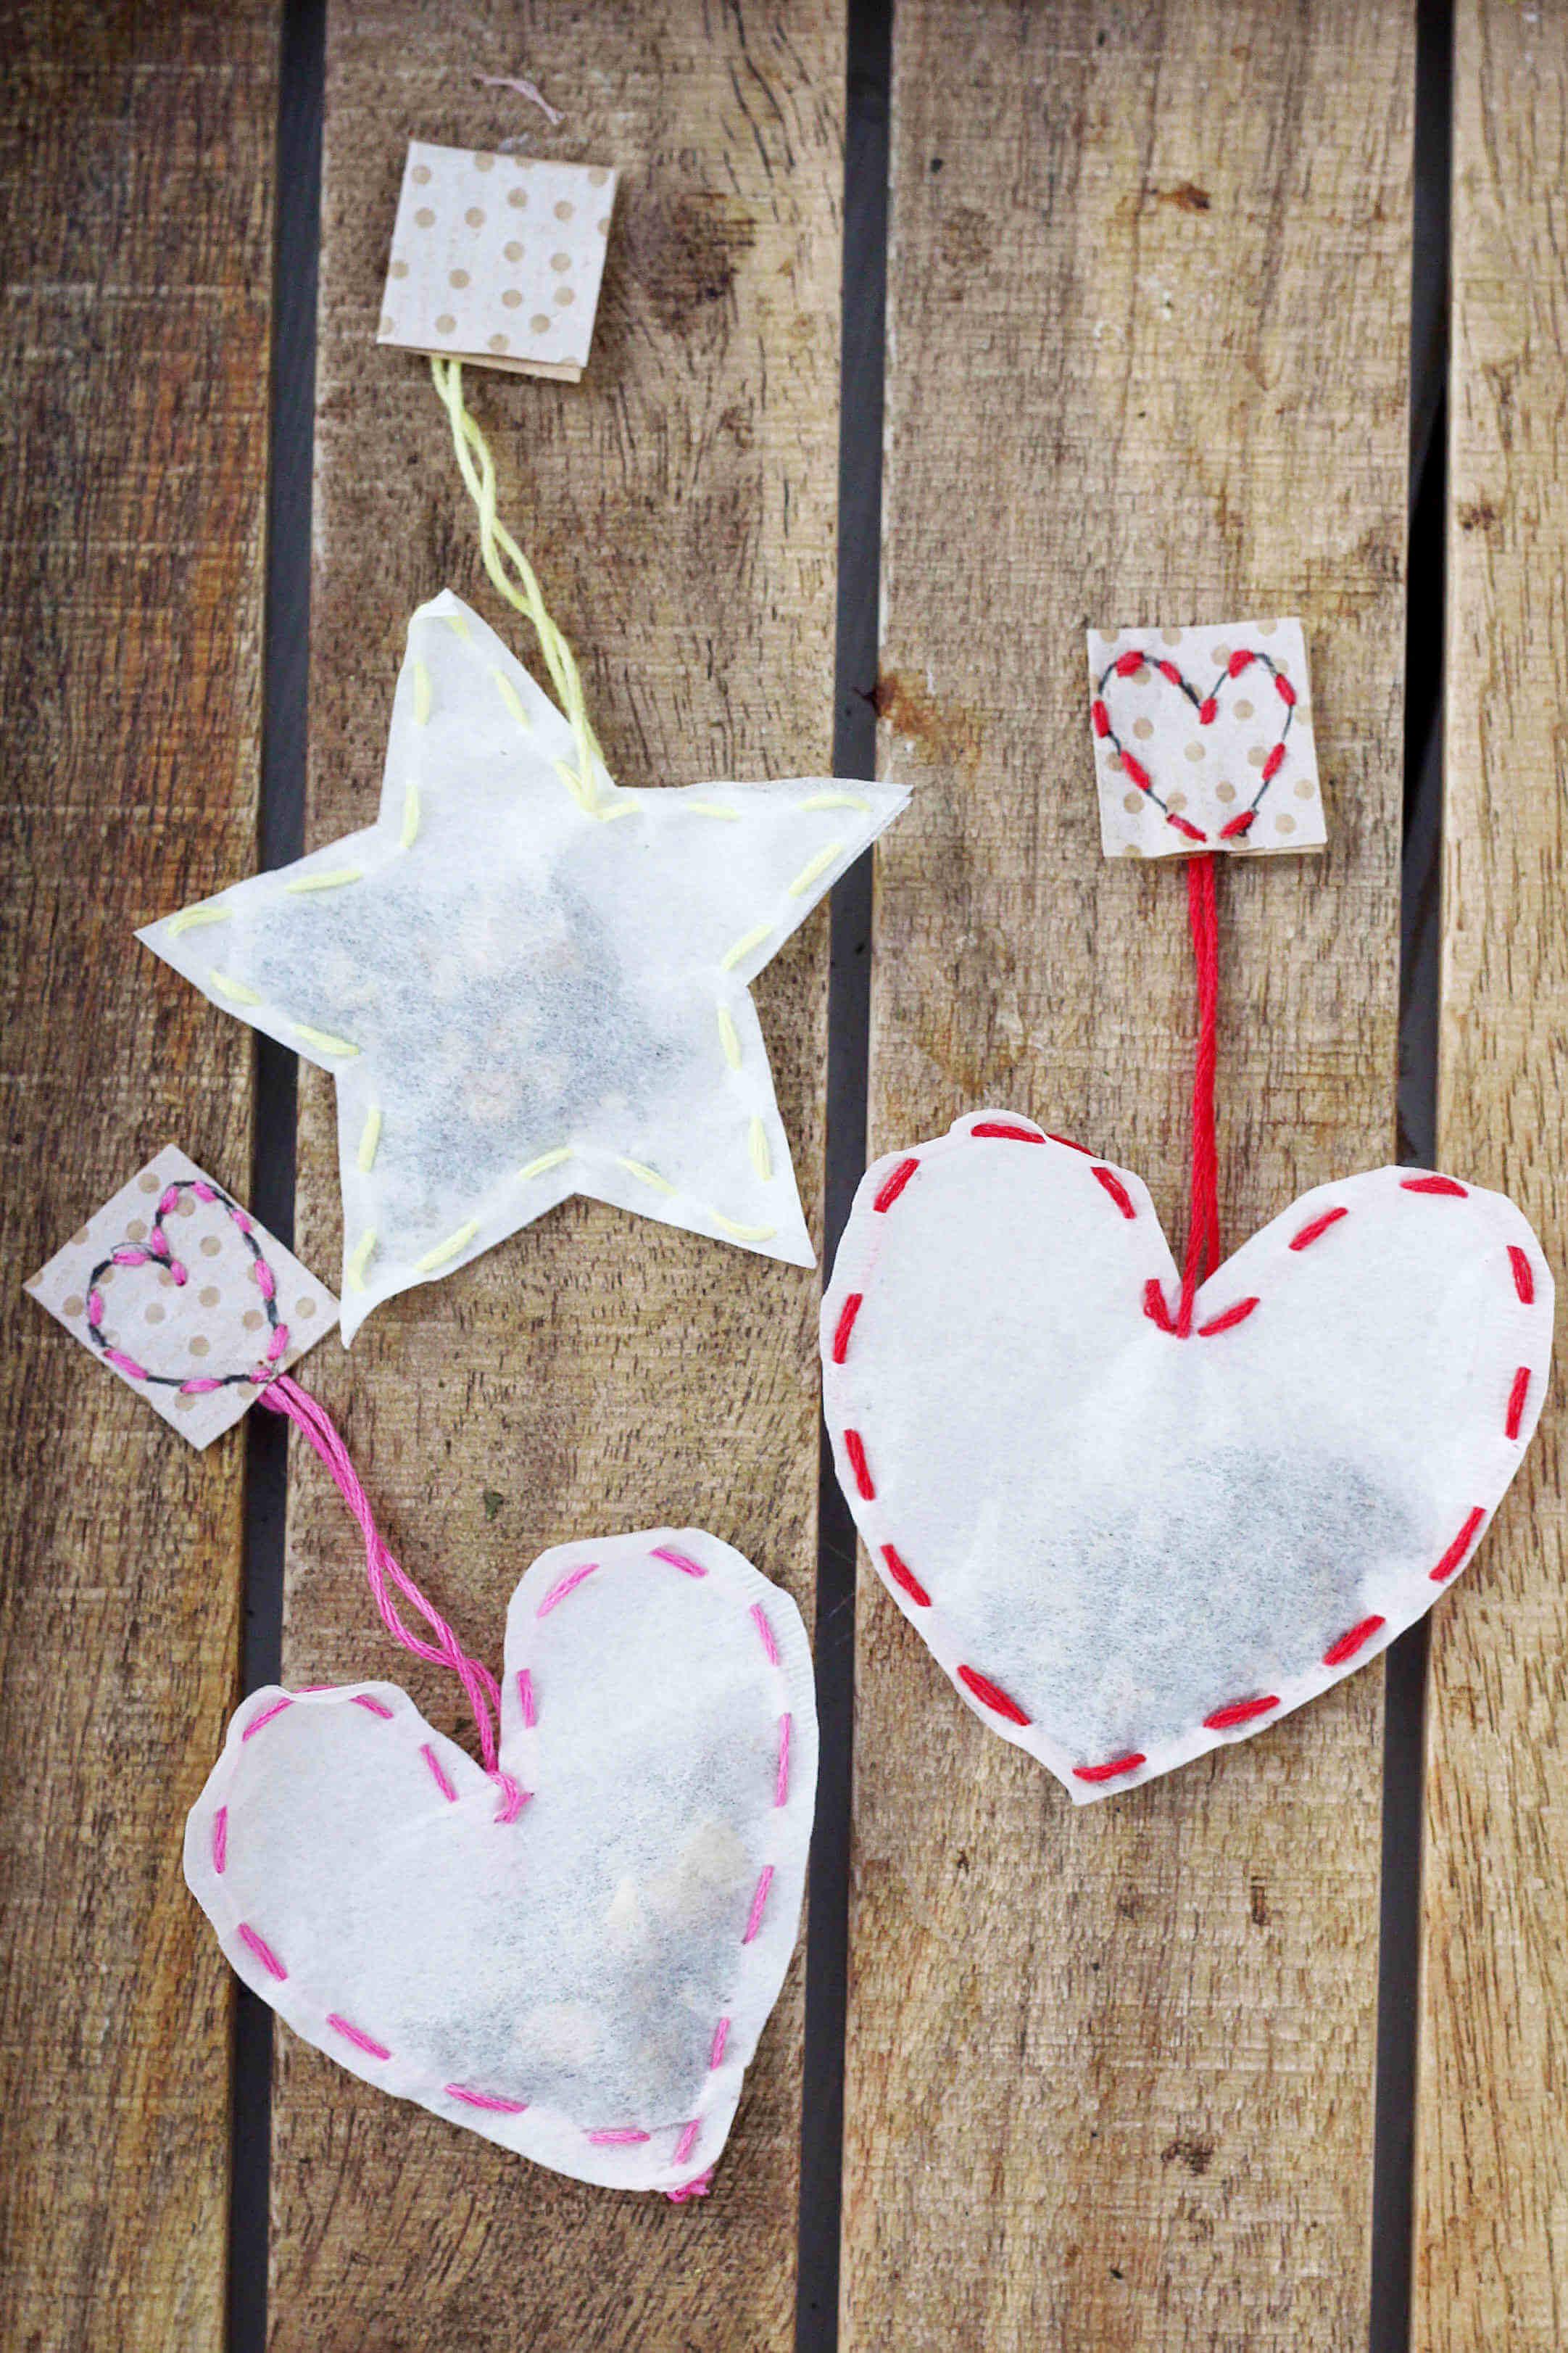 Teebeutel selber machen kreative diy geschenkidee - Ideen weihnachtsgeschenke basteln ...